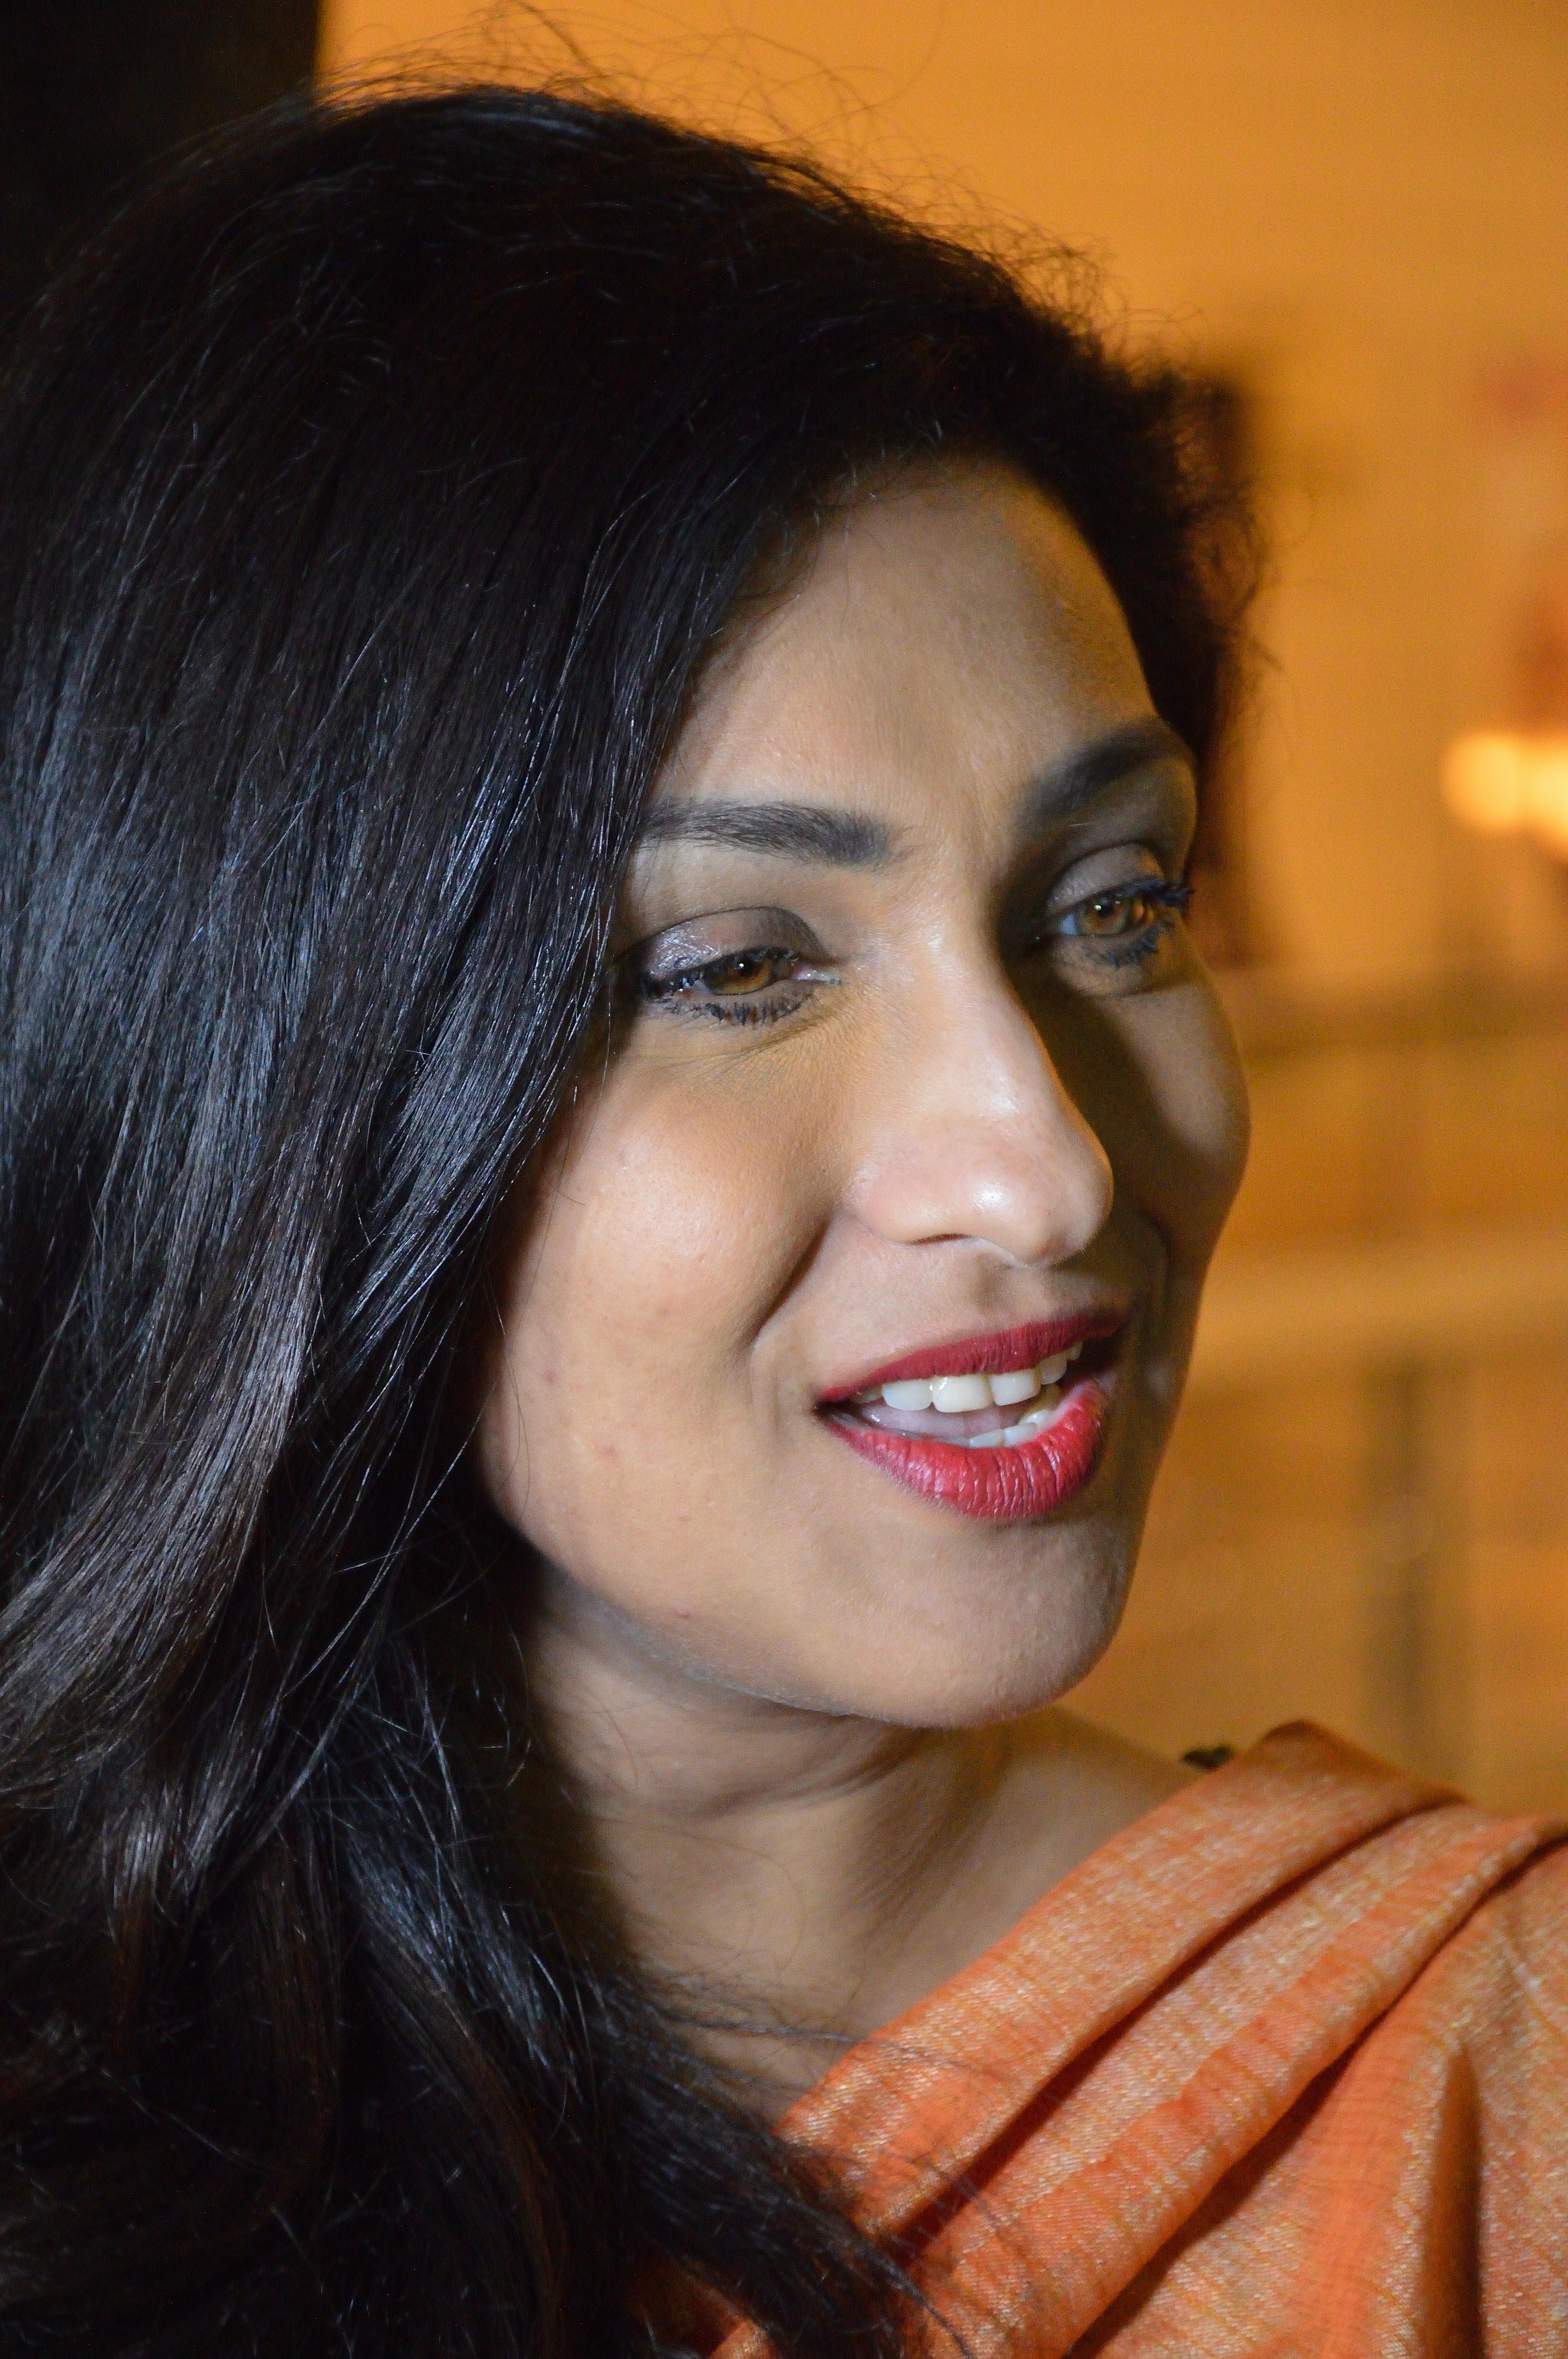 Rituparna Sengupta nude photos 2019